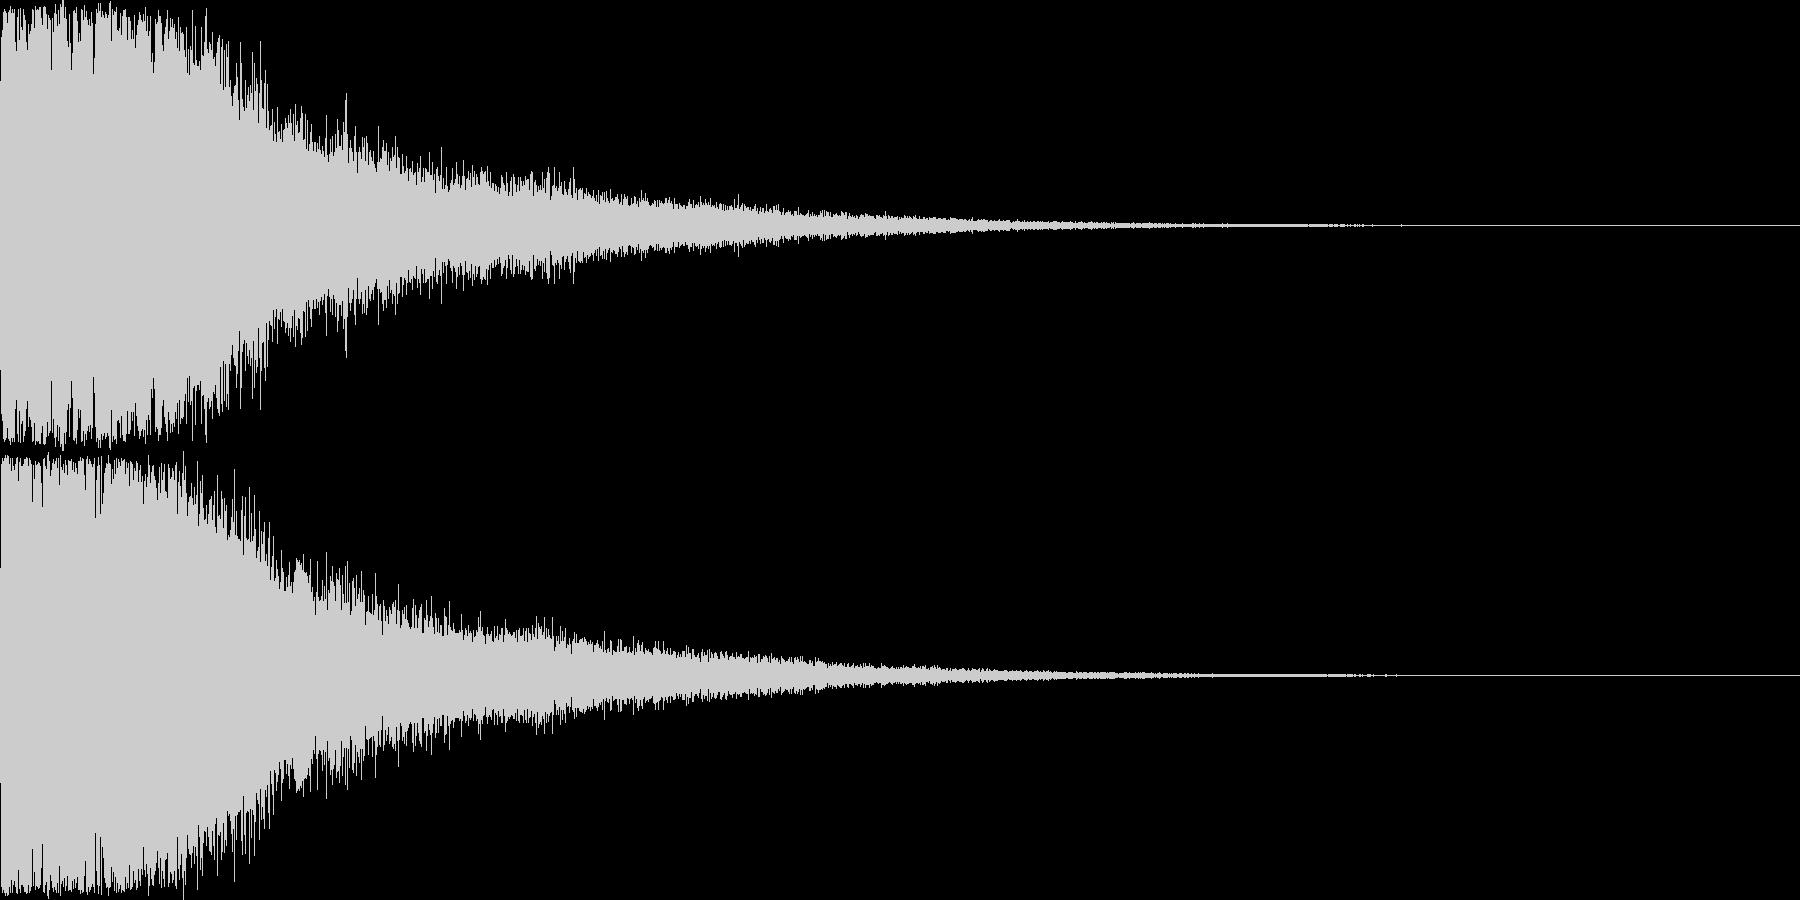 刀 剣 ソード カキーン キュイーン28の未再生の波形